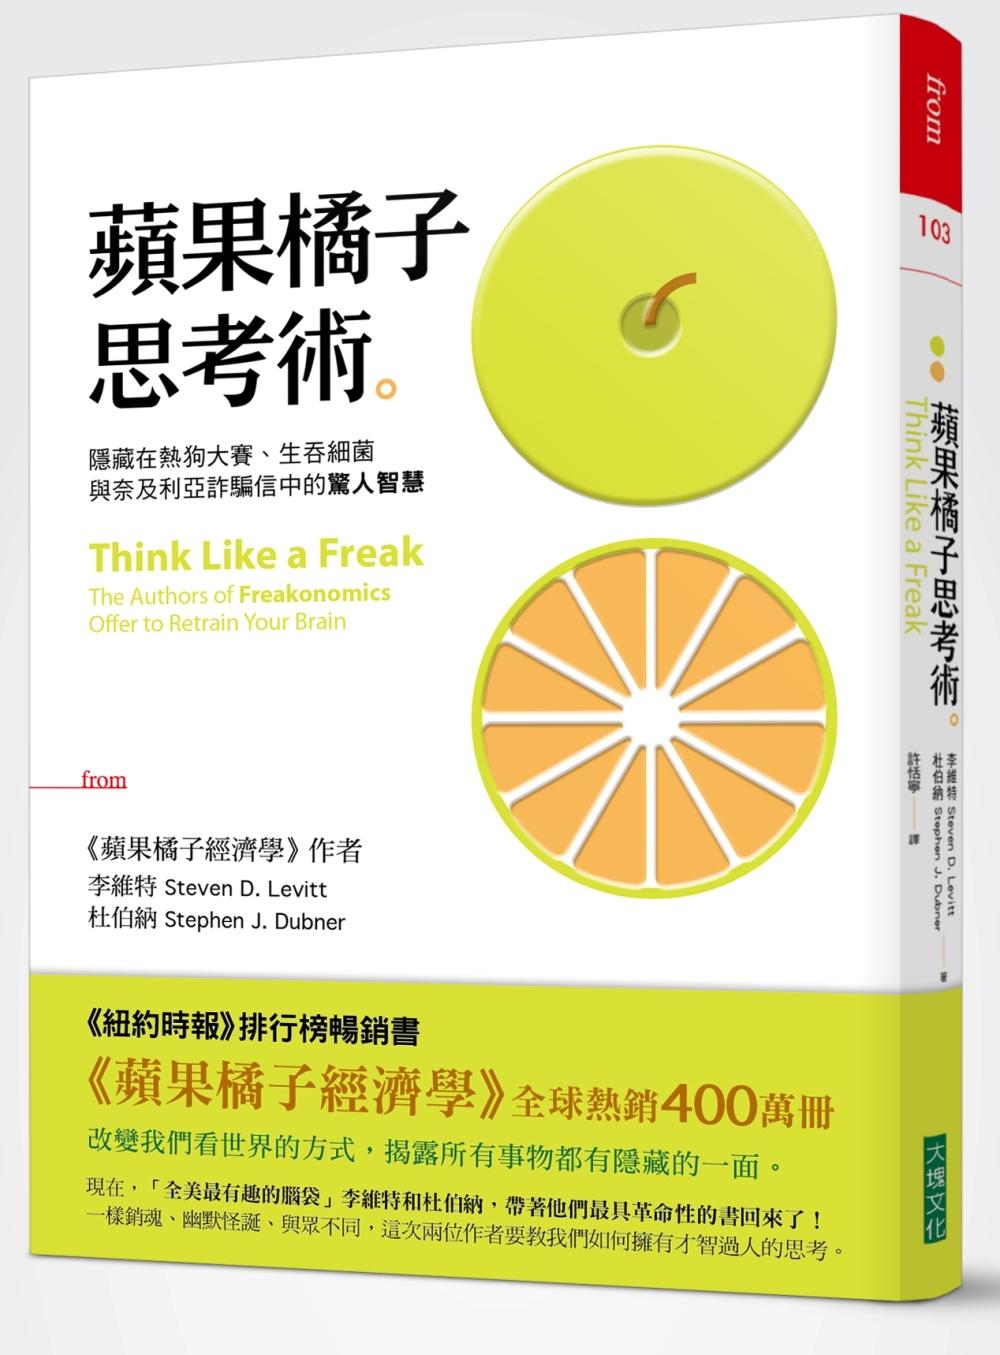 蘋果橘子思考術:隱藏在熱狗大賽、生吞細菌與奈及利亞詐騙信中的驚人智慧